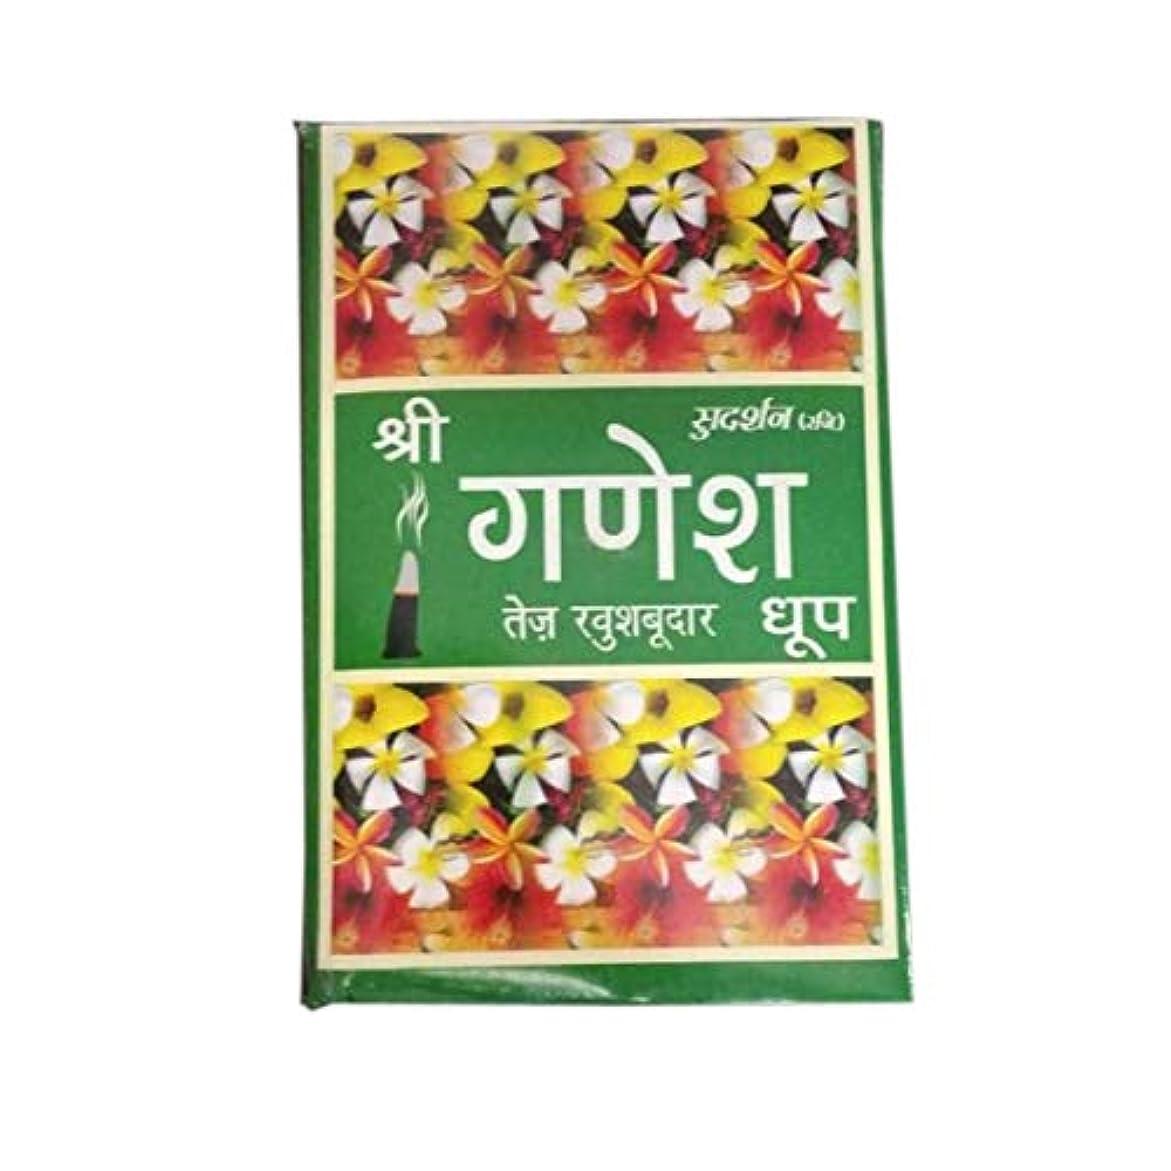 袋反対するトイレTotal Home :Sudarshan Shri Ganesh Highly Perfumed dhoop Fragrance for Positivity & Freshness Fragrance Dhoop Batti...